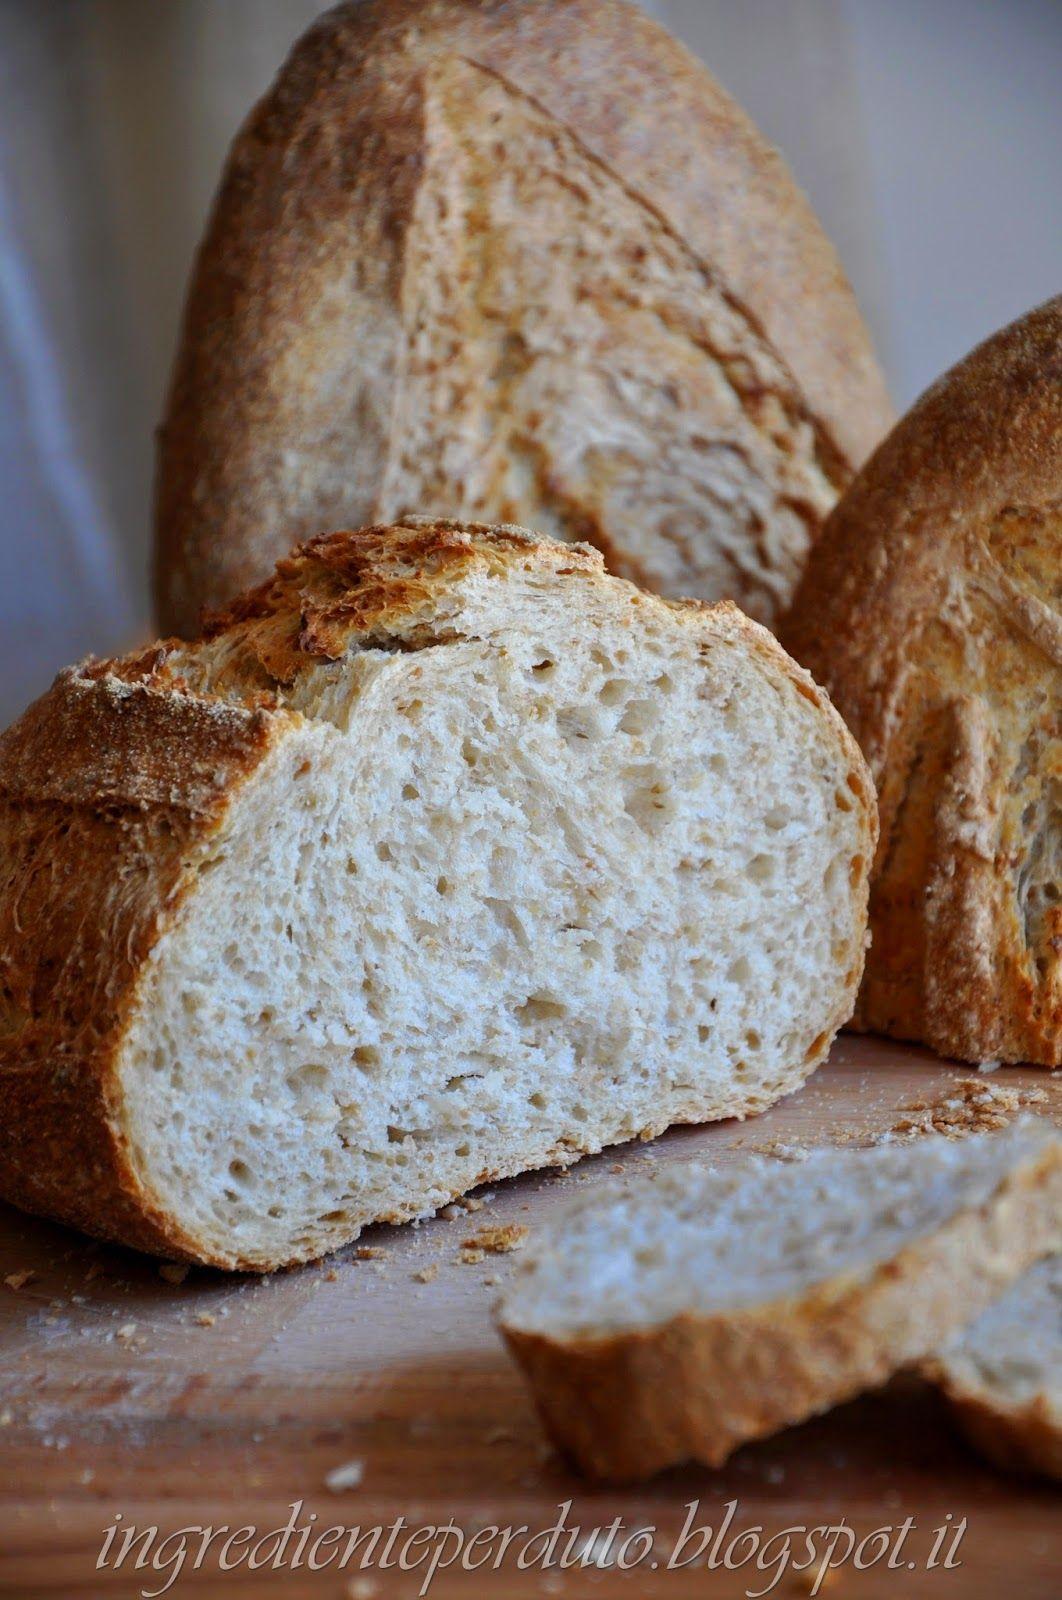 L'ingrediente perduto: Pane  marchigiano con grano spezzato e farina di f... http://ingredienteperduto.blogspot.it/2014/07/pane-marchigiano-con-grano-spezzato-e.html